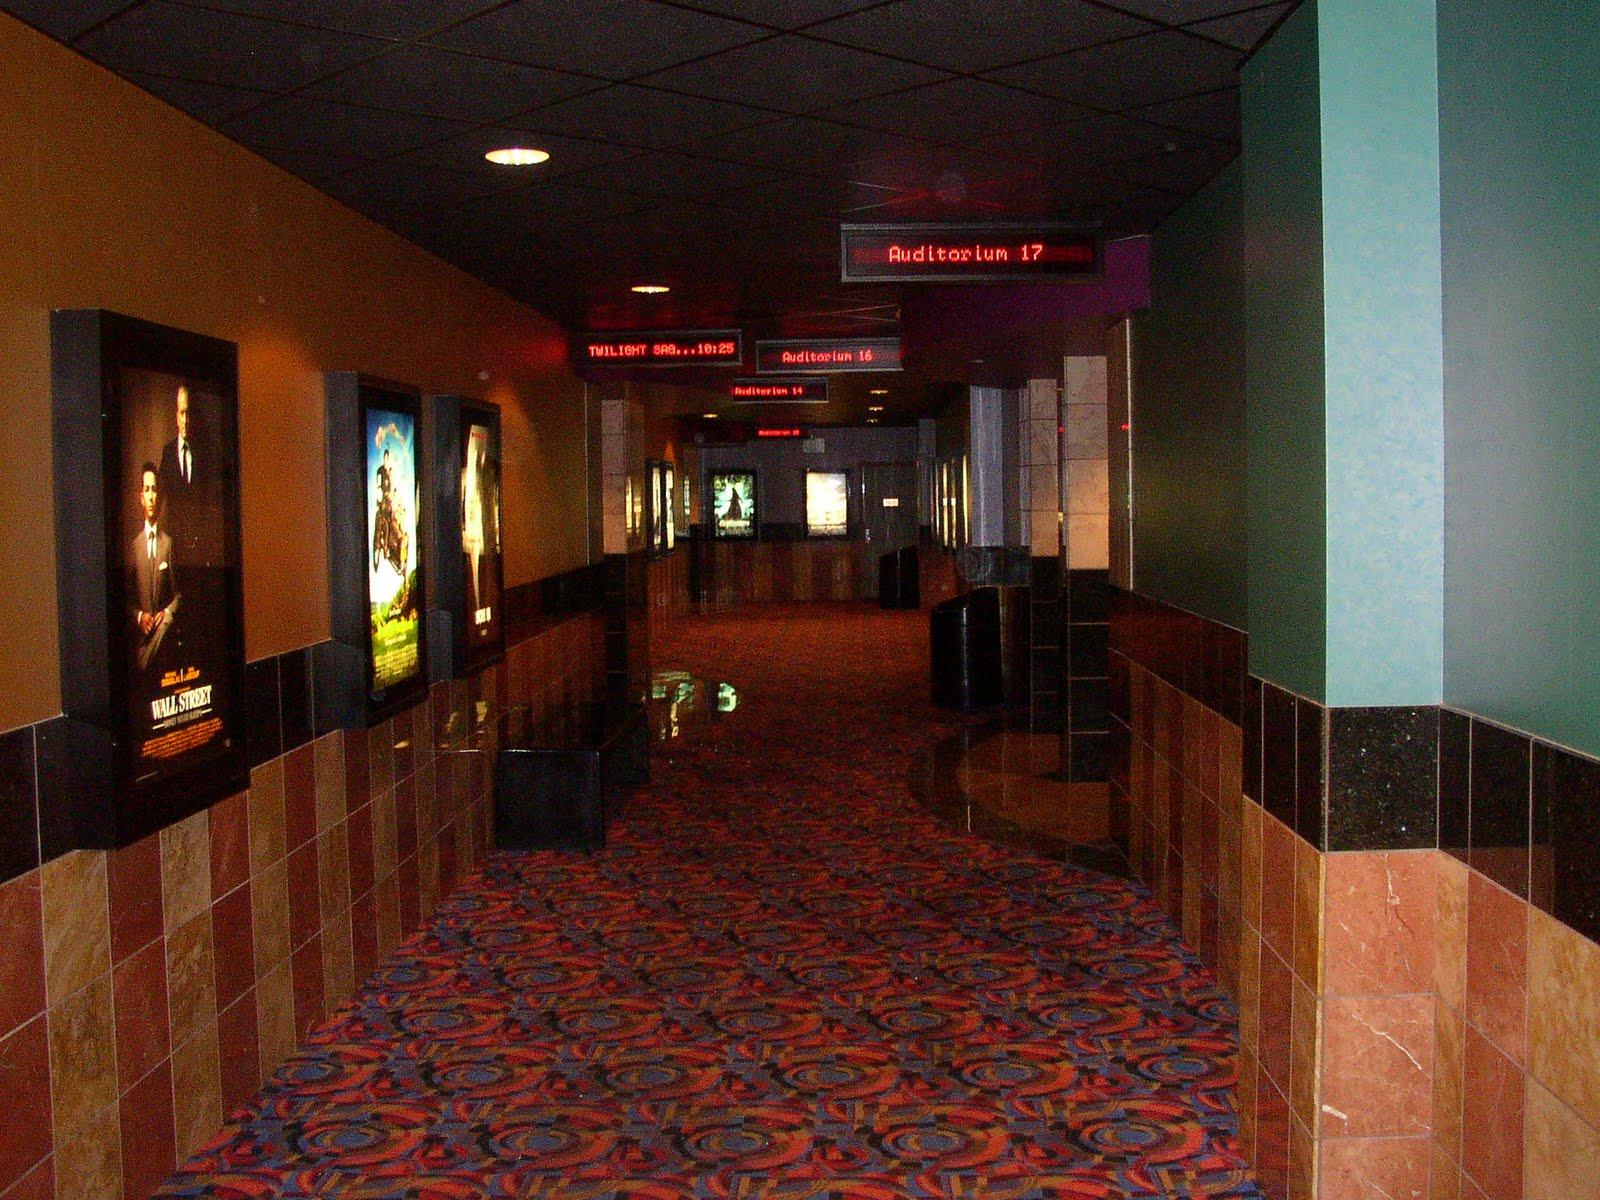 Movie six theatre